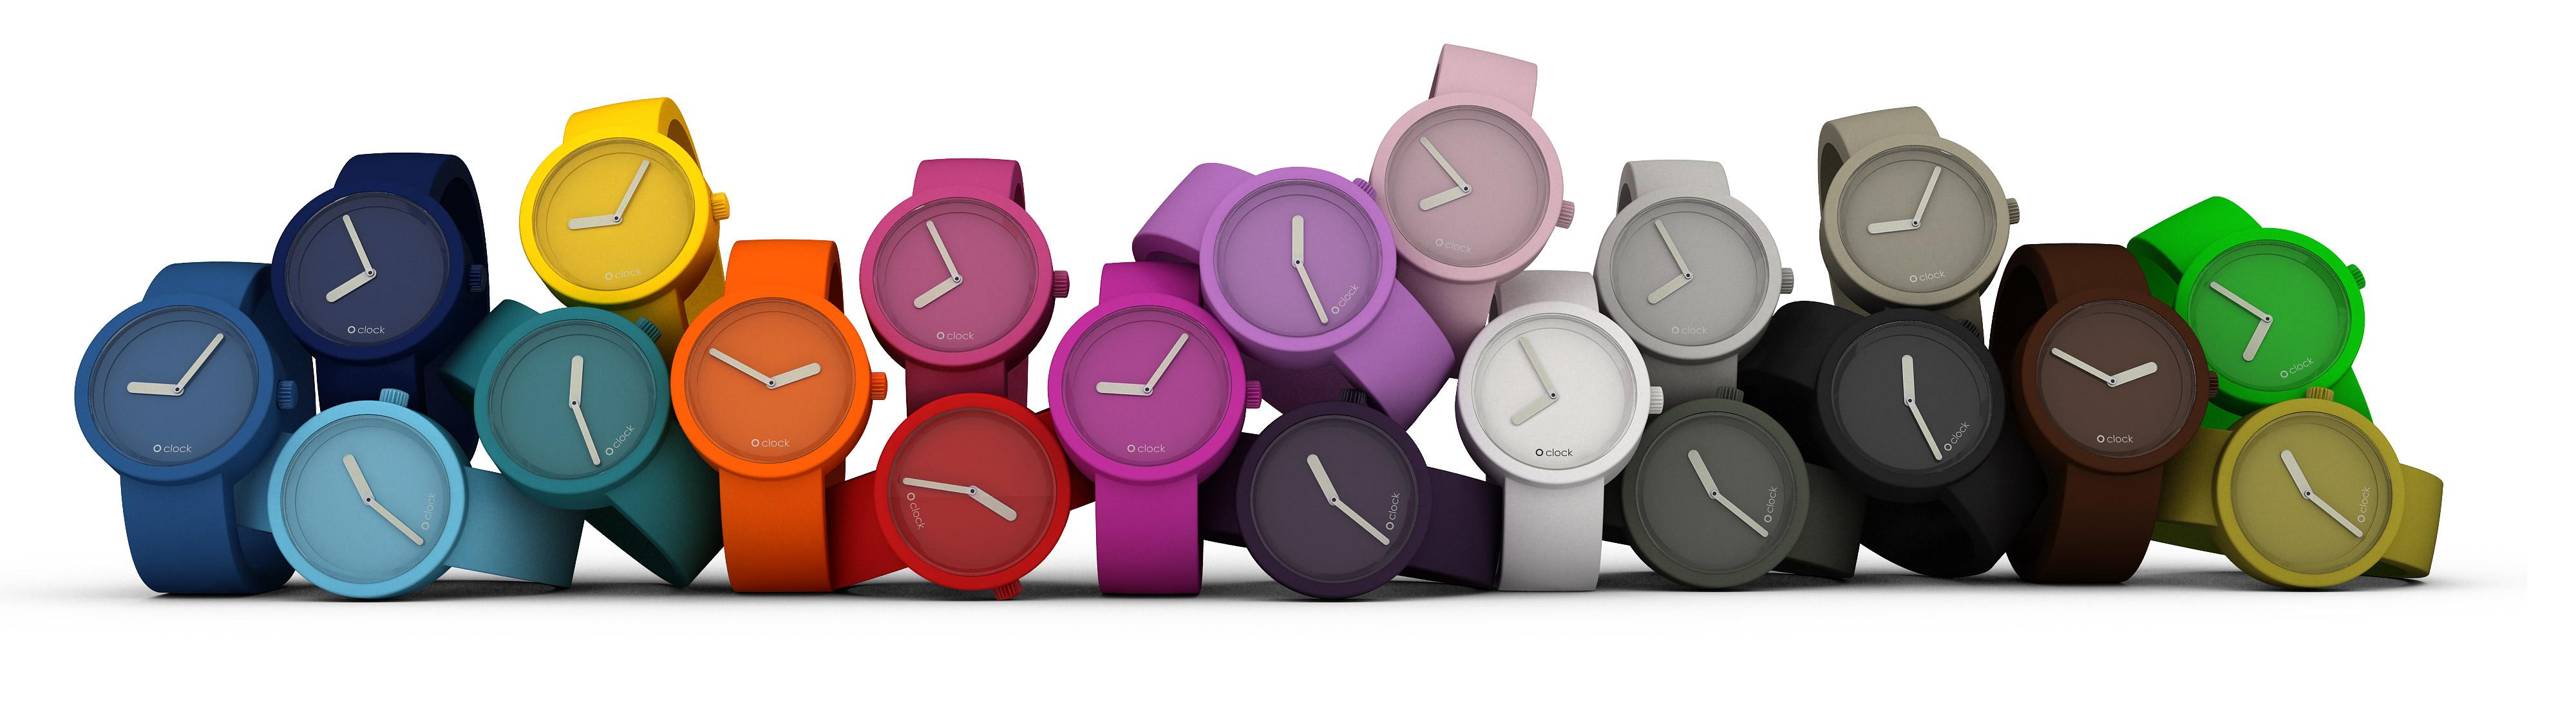 O'clock Chic Fullspot En Los Relojes And Conoce Geek ¡de Venta sQCthrd